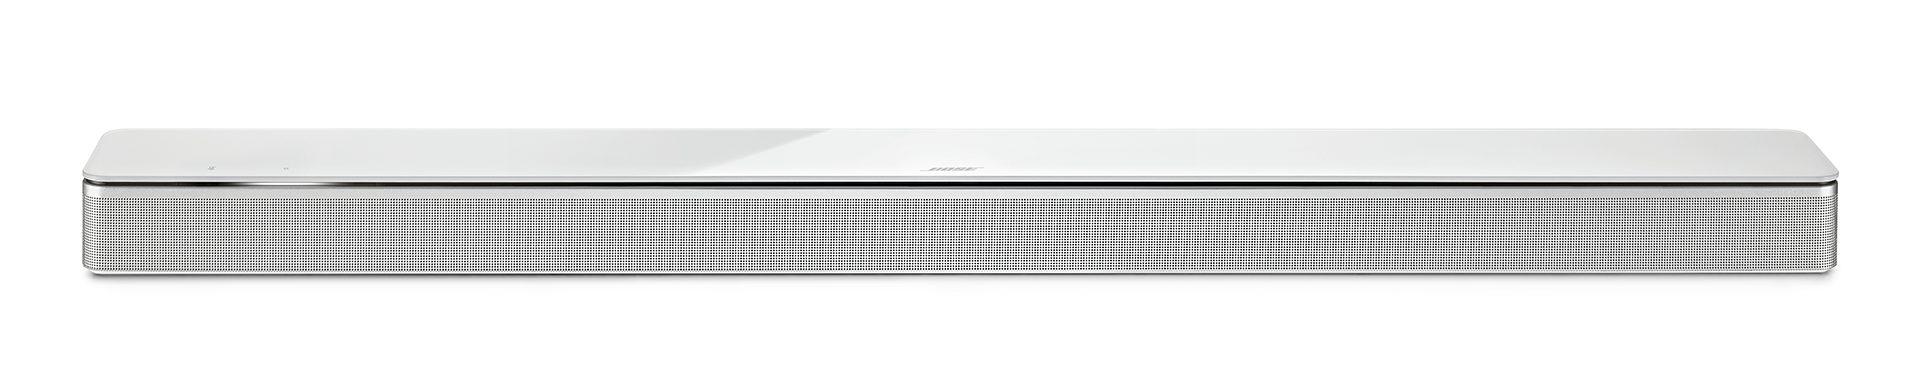 Loa thanh Bose Smart Soundbar 700